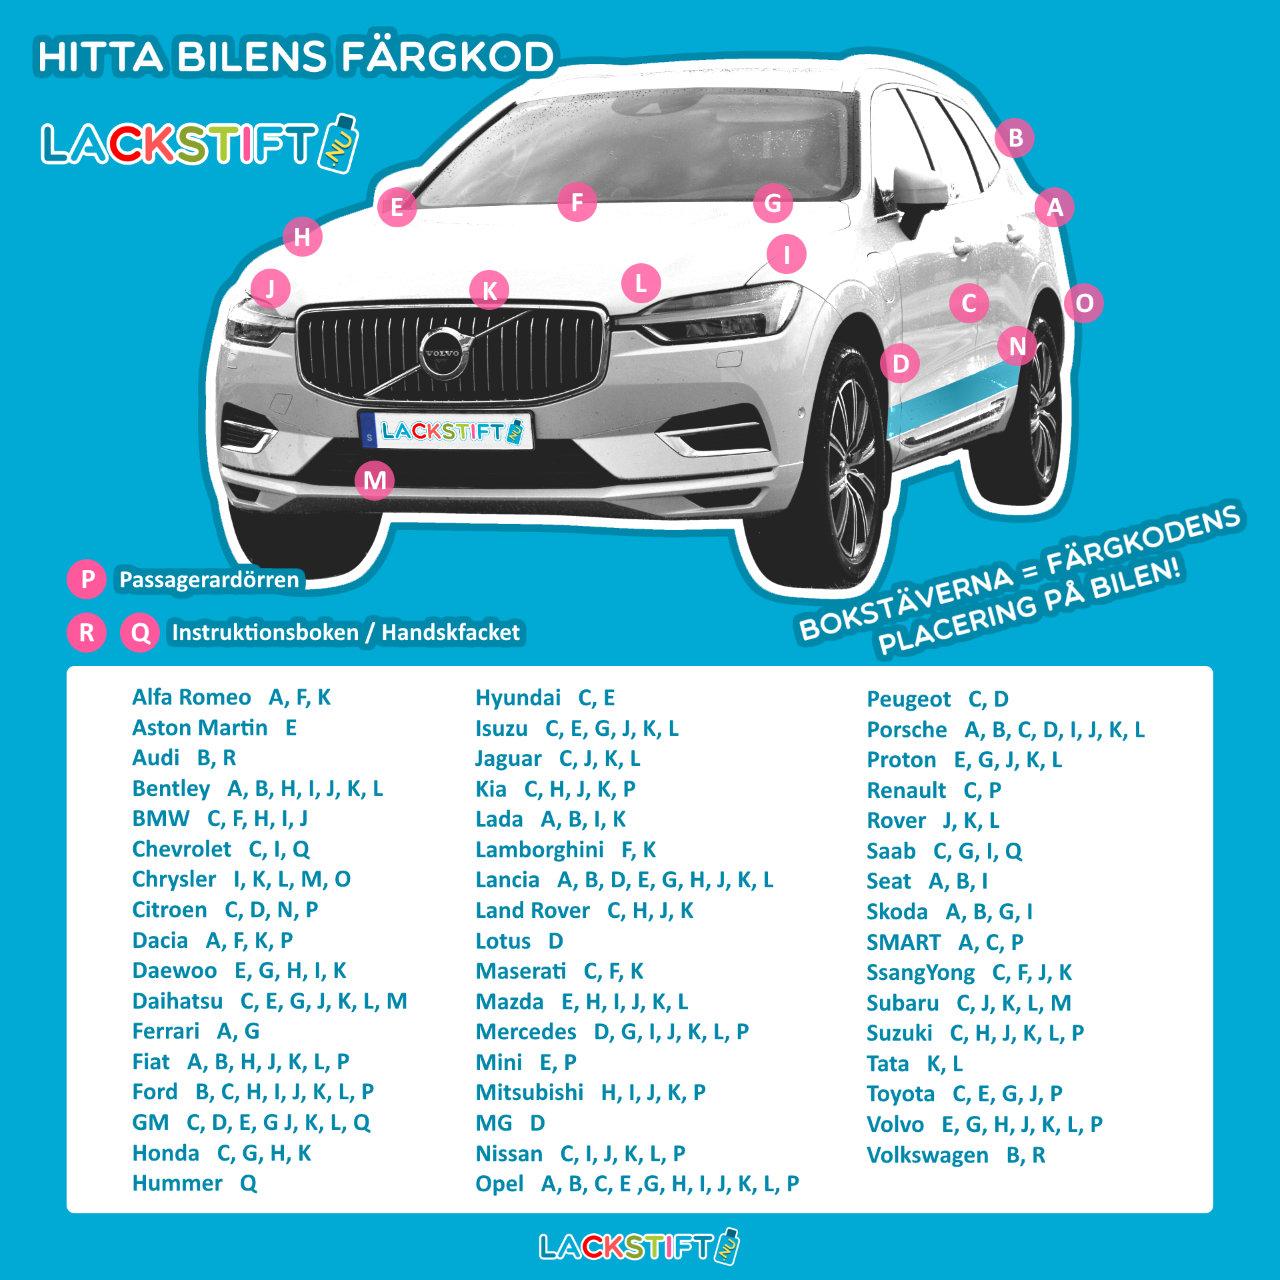 Hitta placeringen av färgkoden på din bil